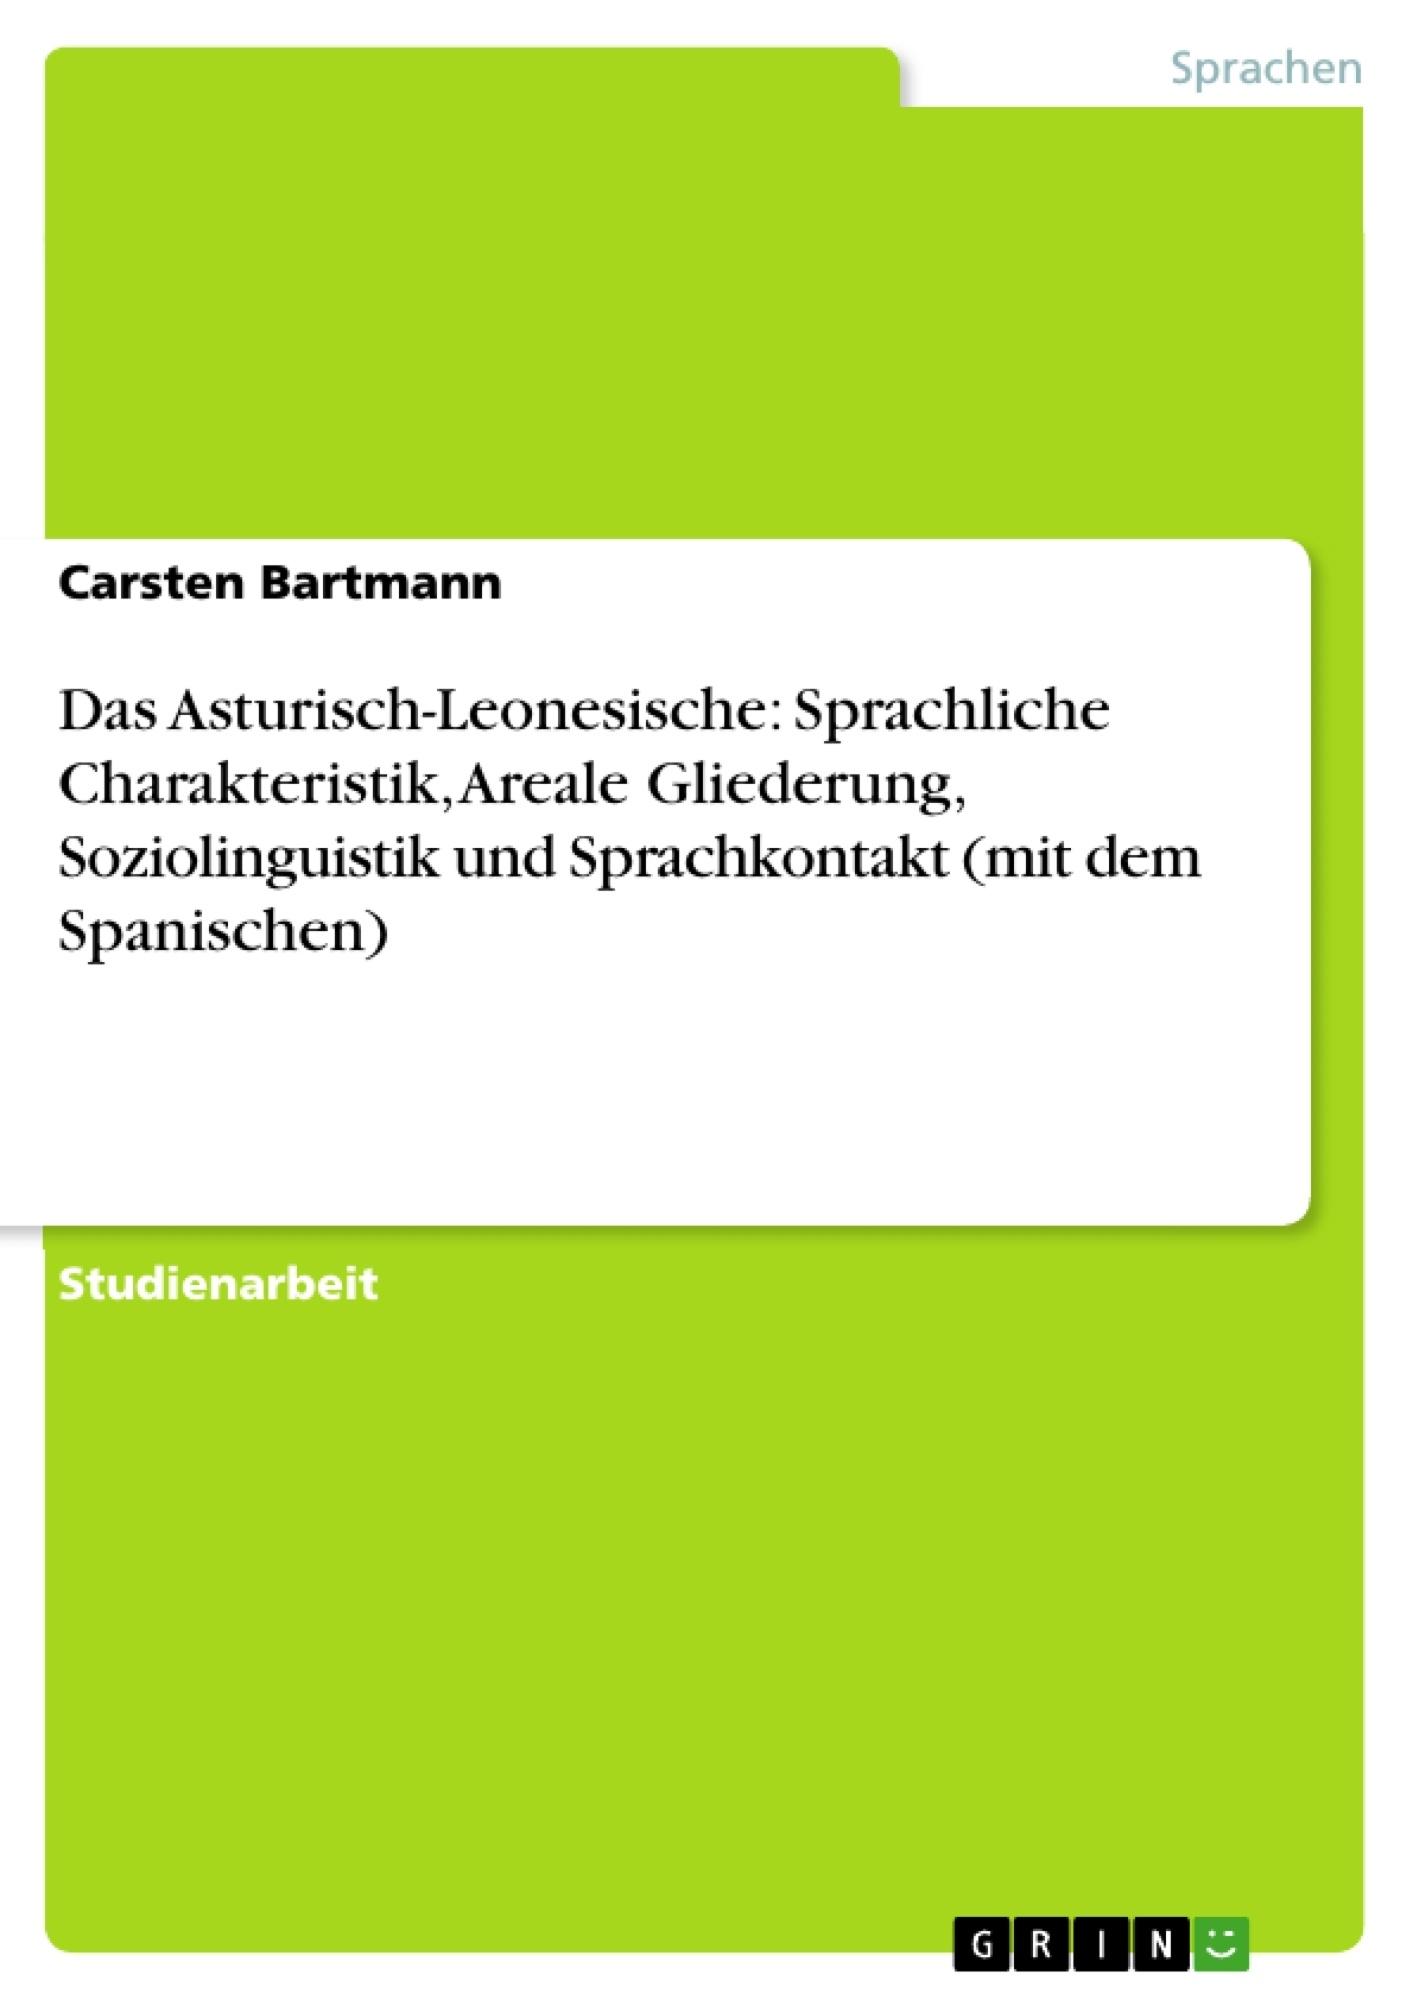 Titel: Das Asturisch-Leonesische: Sprachliche Charakteristik, Areale Gliederung, Soziolinguistik und Sprachkontakt (mit dem Spanischen)